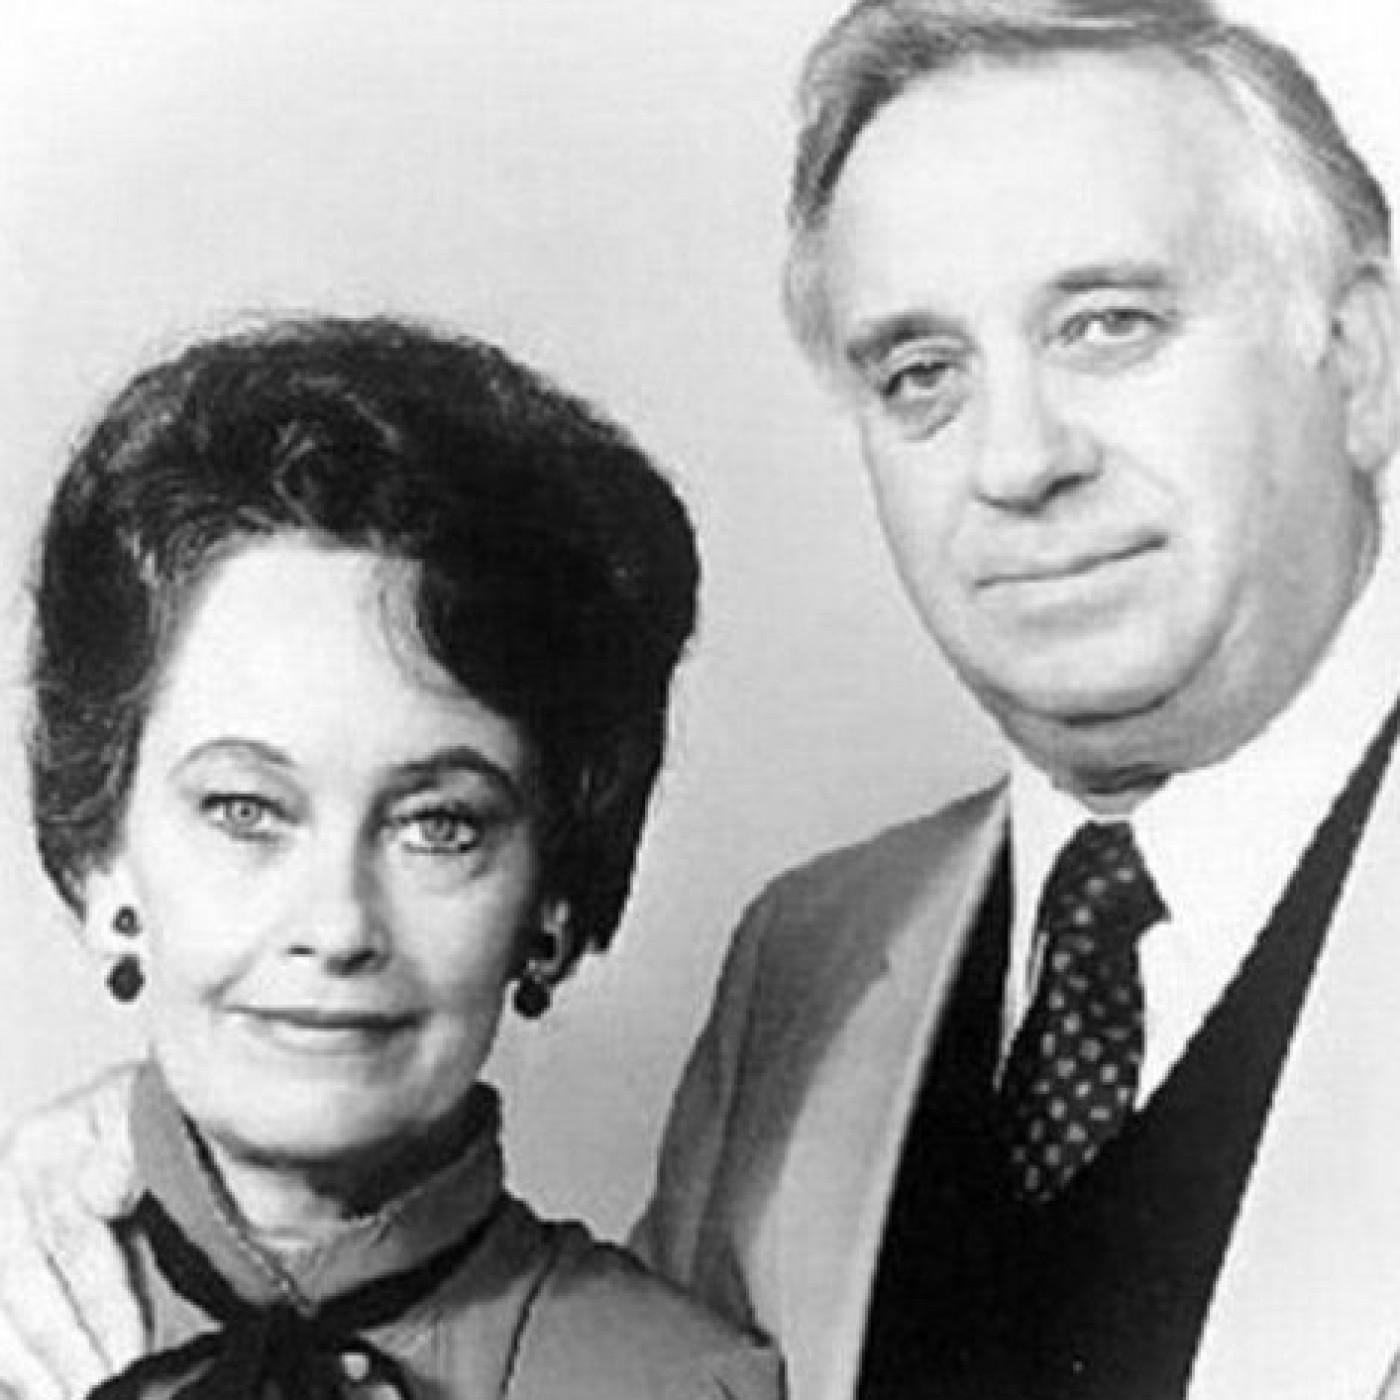 Épisode 2 - La vérité sur les Warren, le célèbre couple d'enquêteurs du paranormal